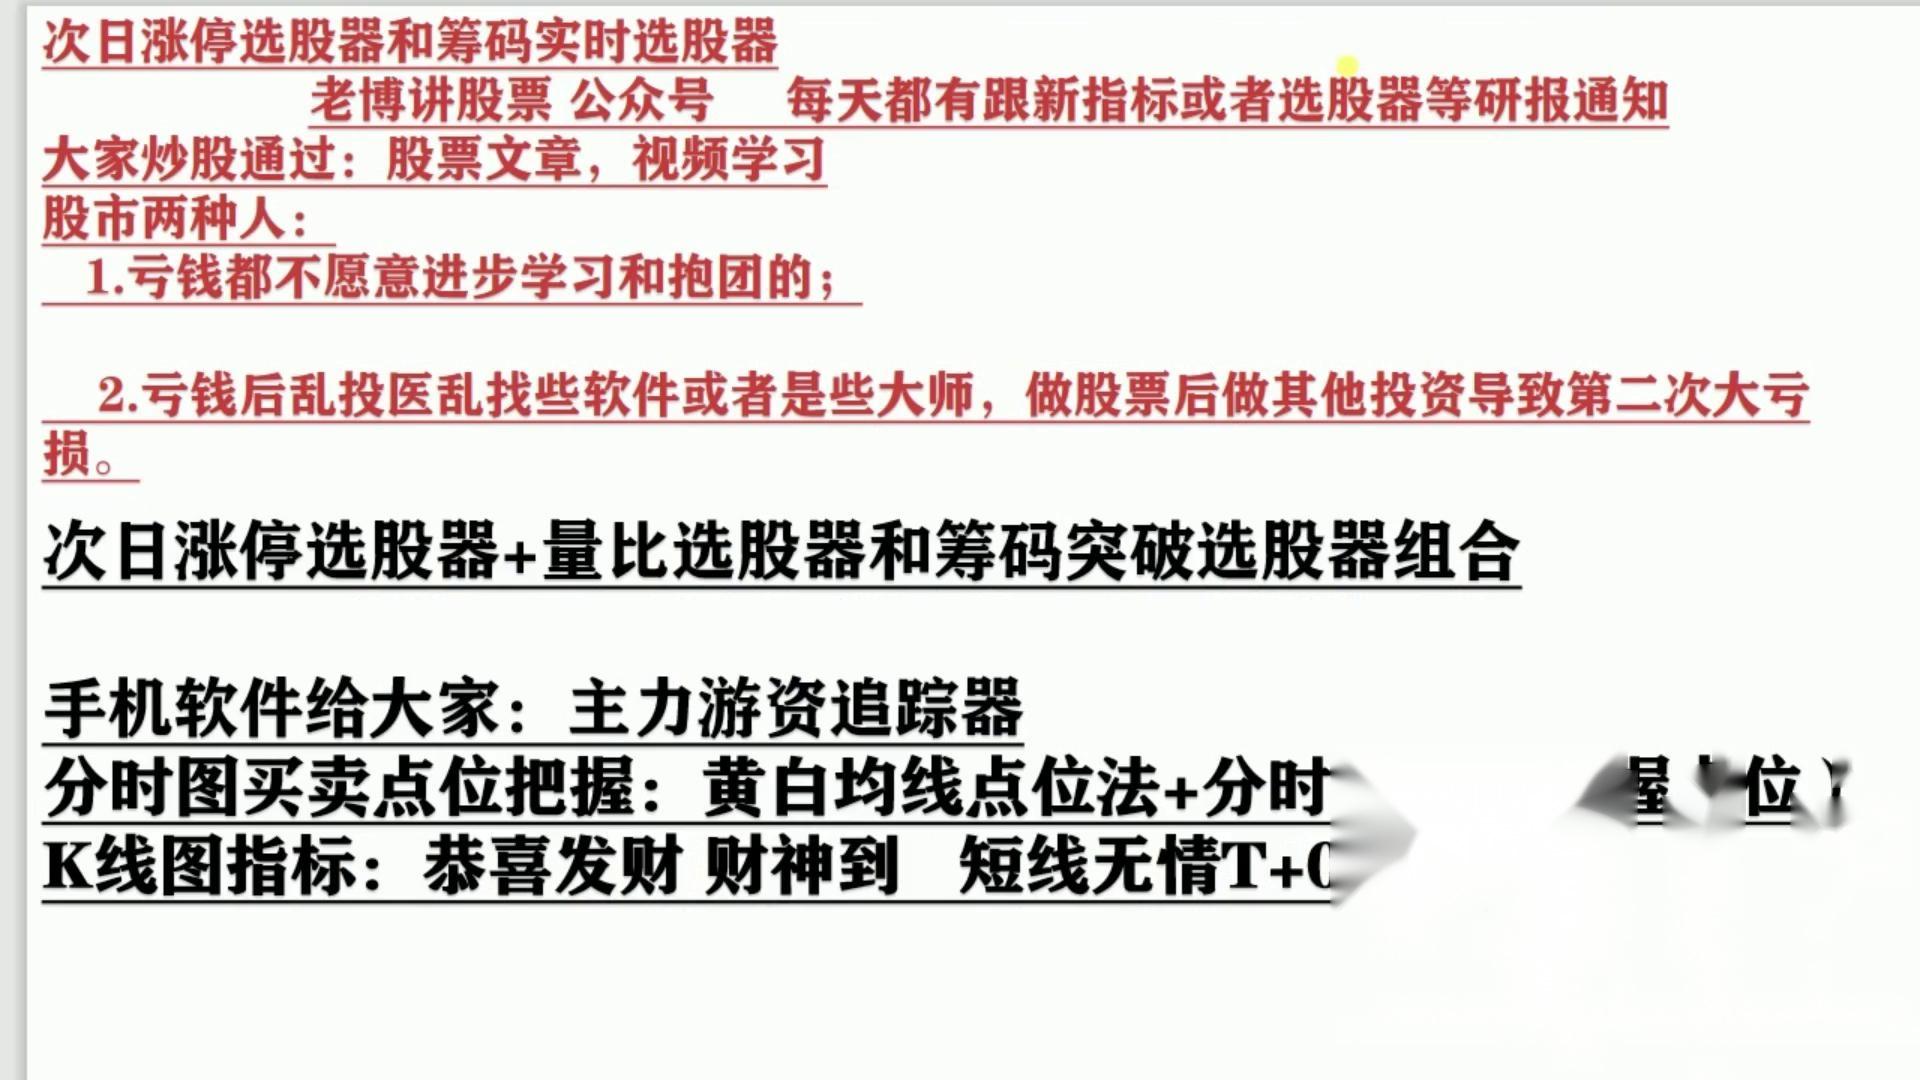 炒股-股票妖股检测仪次日涨停爆赚三形态 (28)